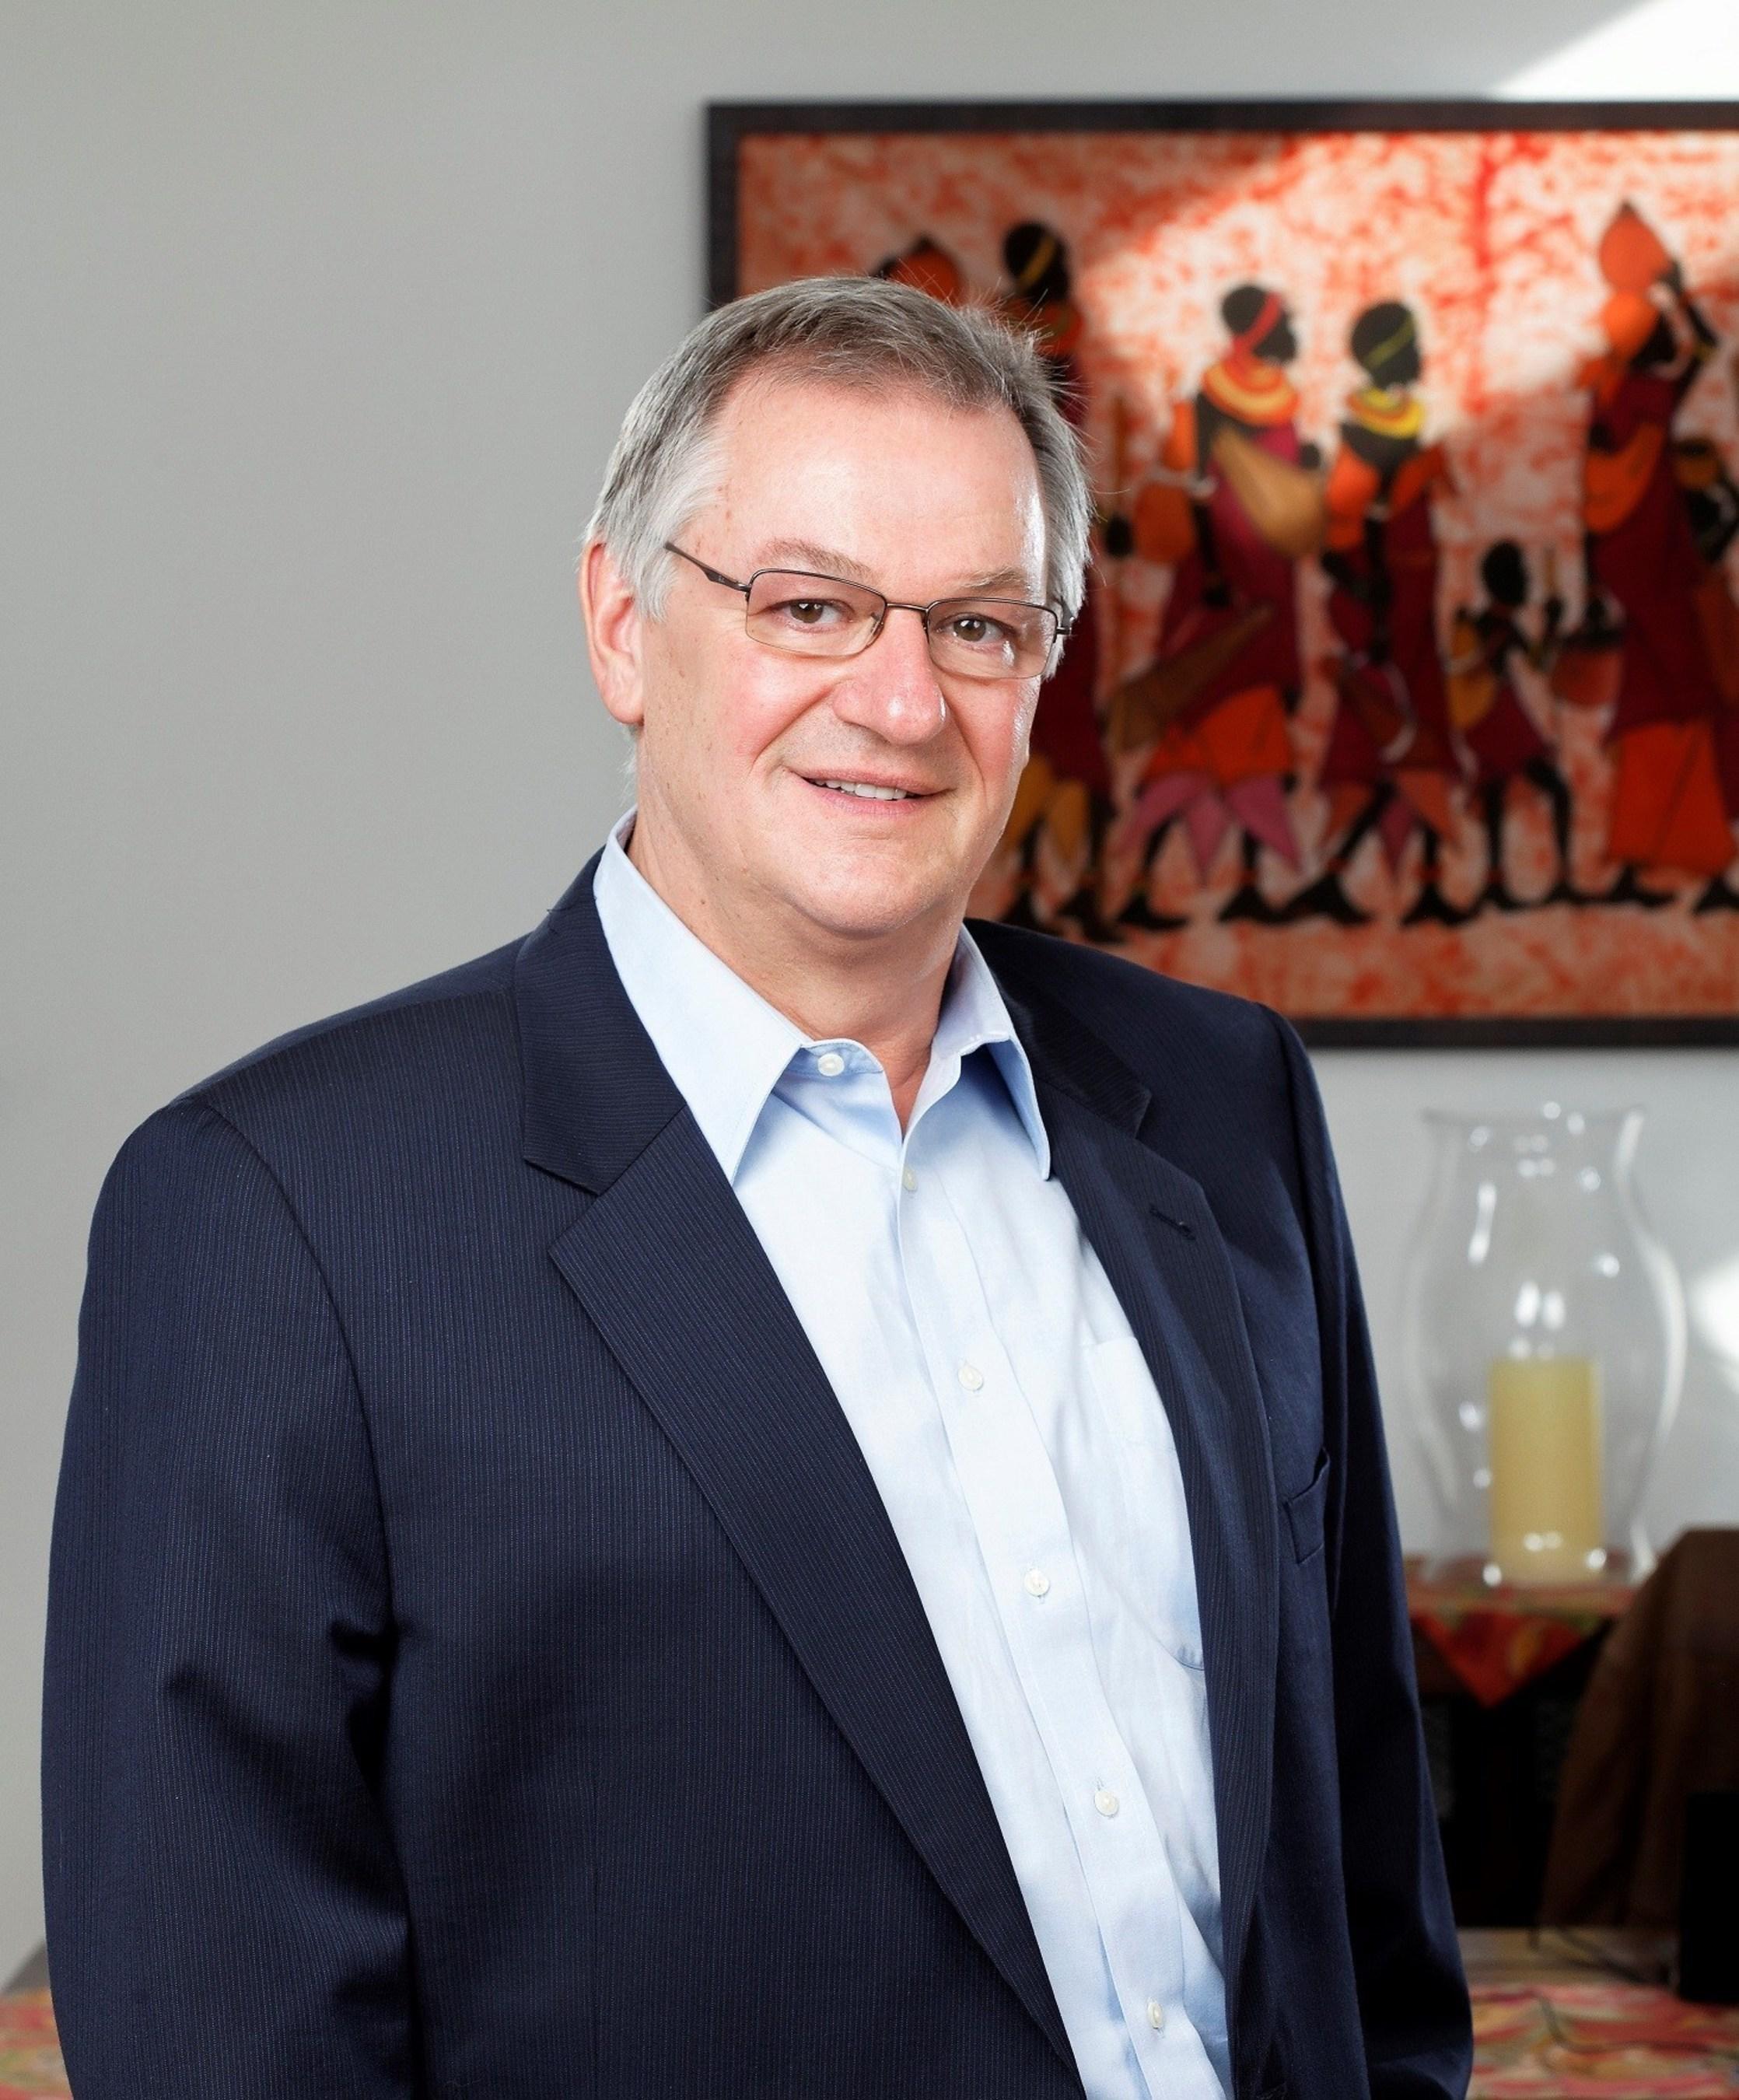 Rudi Schreiner, President and Co-Owner, AmaWaterways